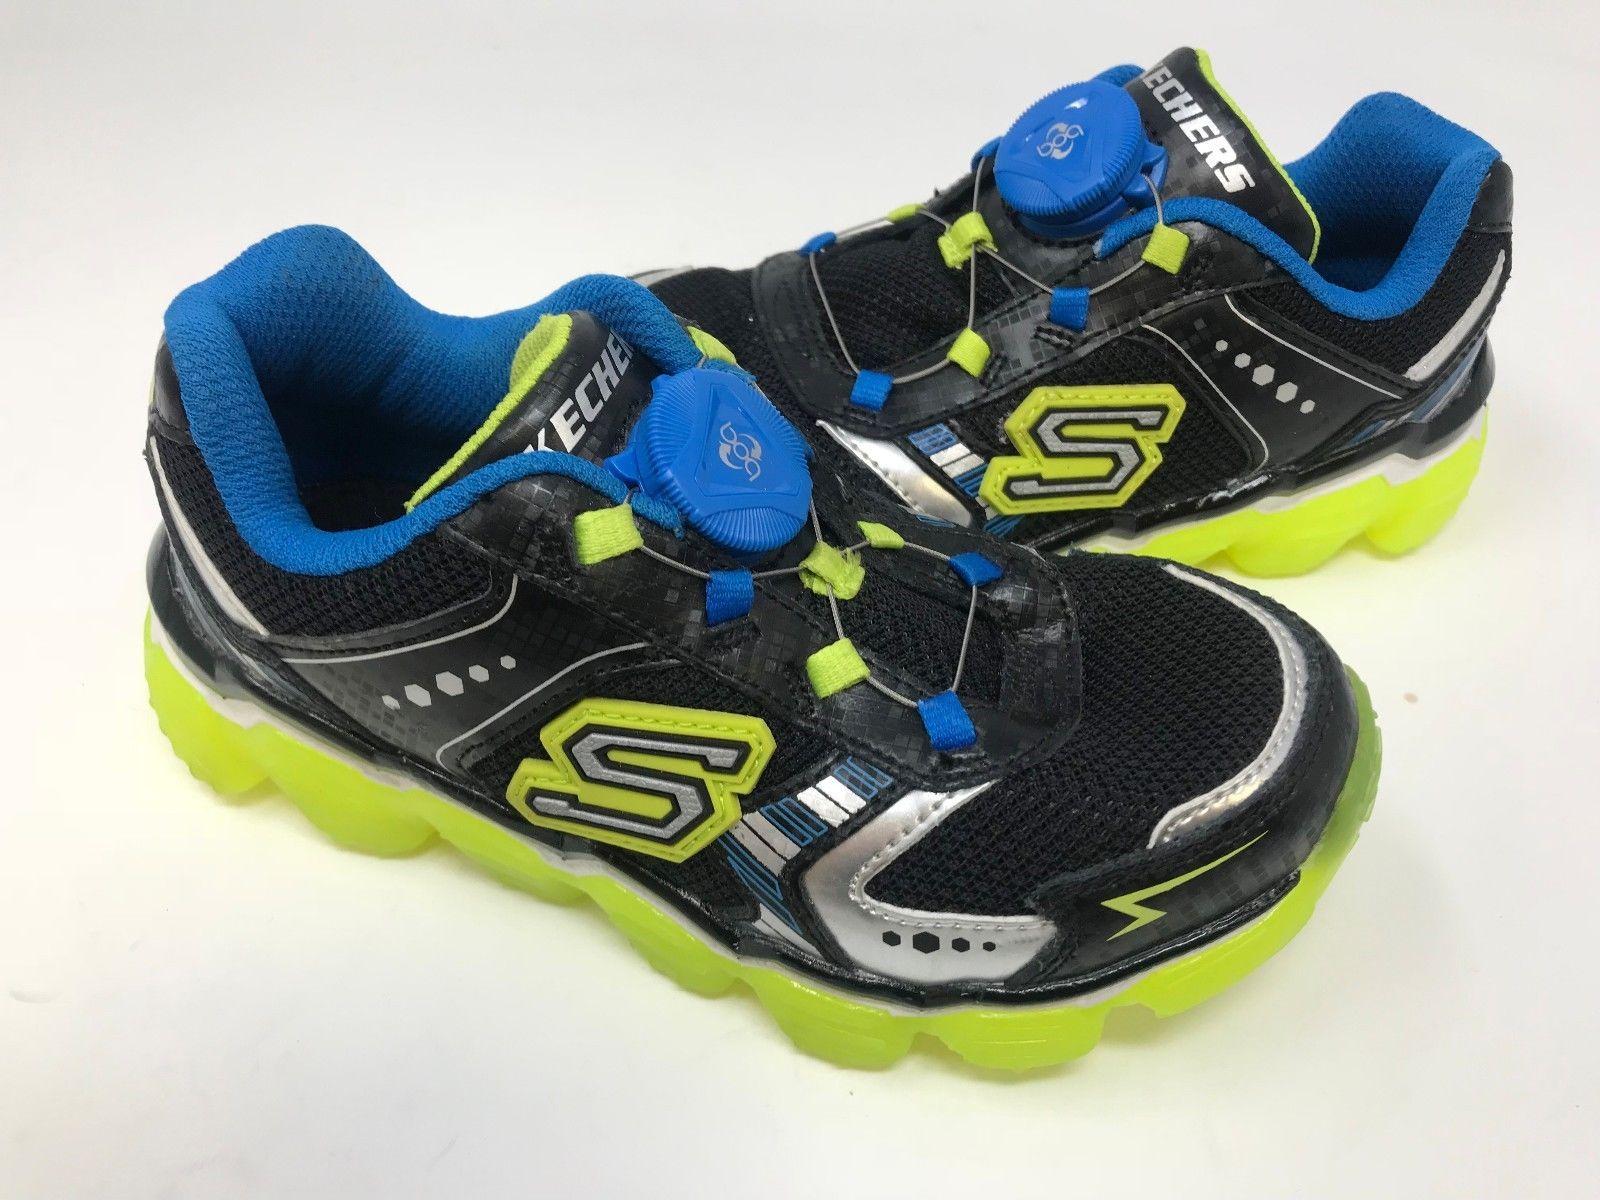 b1f7ec830262 Skechers Youth Boy s SKECH-AIR EXPLO Shoes Blk Blu Grn  97420L 171E lz  (eBay Link)